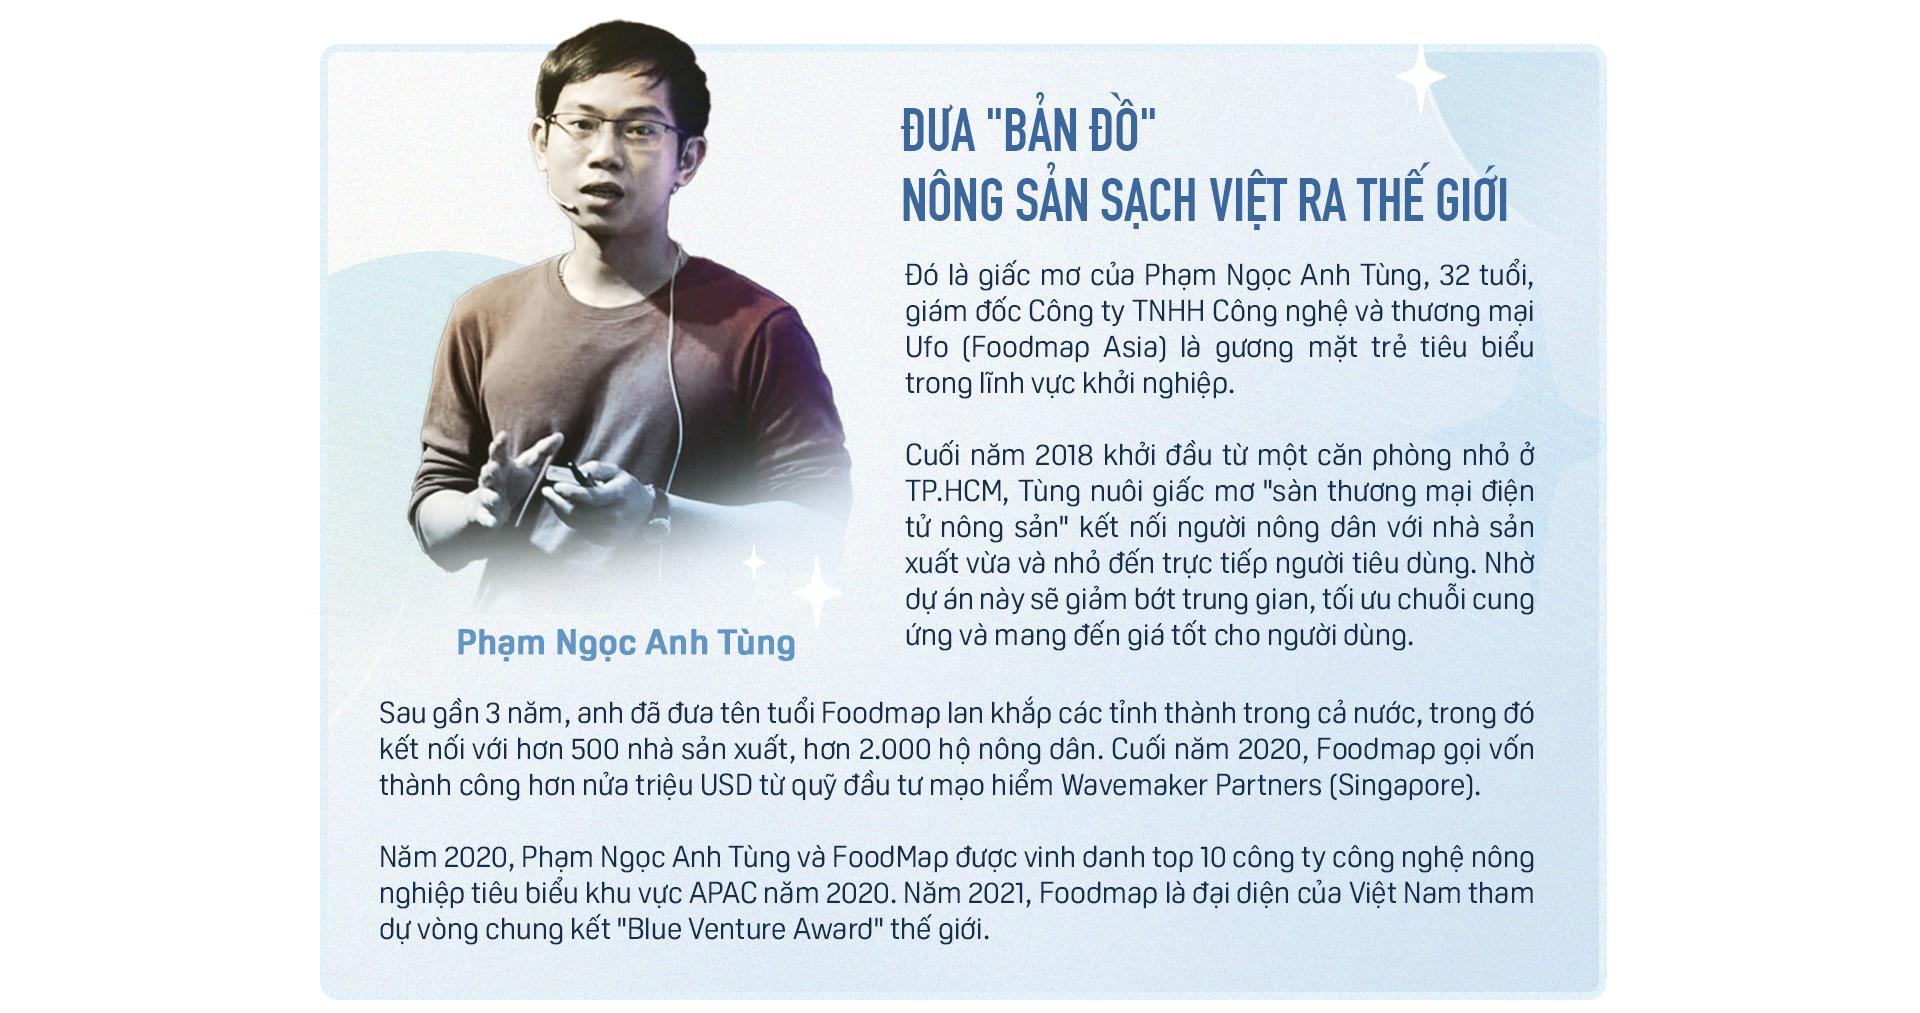 Tự hào xướng tên Việt Nam trên đấu trường quốc tế - Ảnh 19.